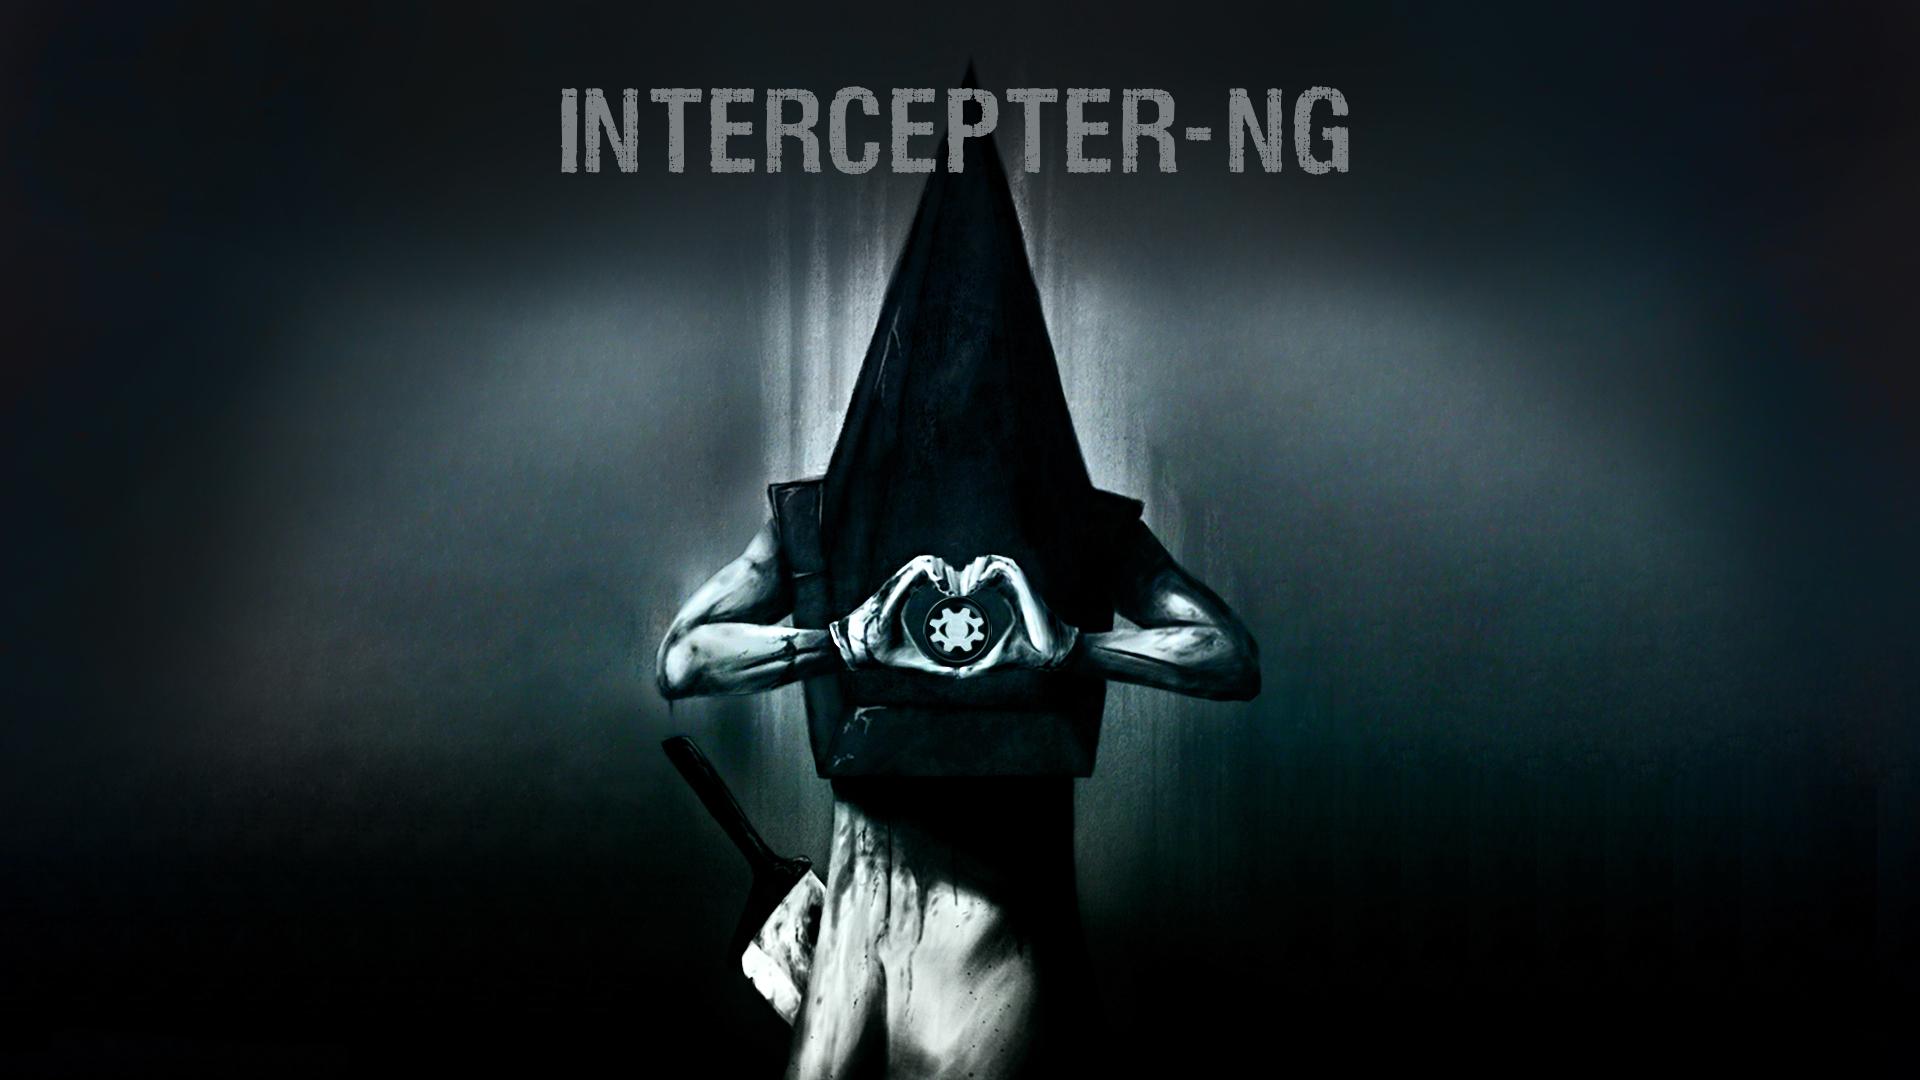 intercepter ng windows